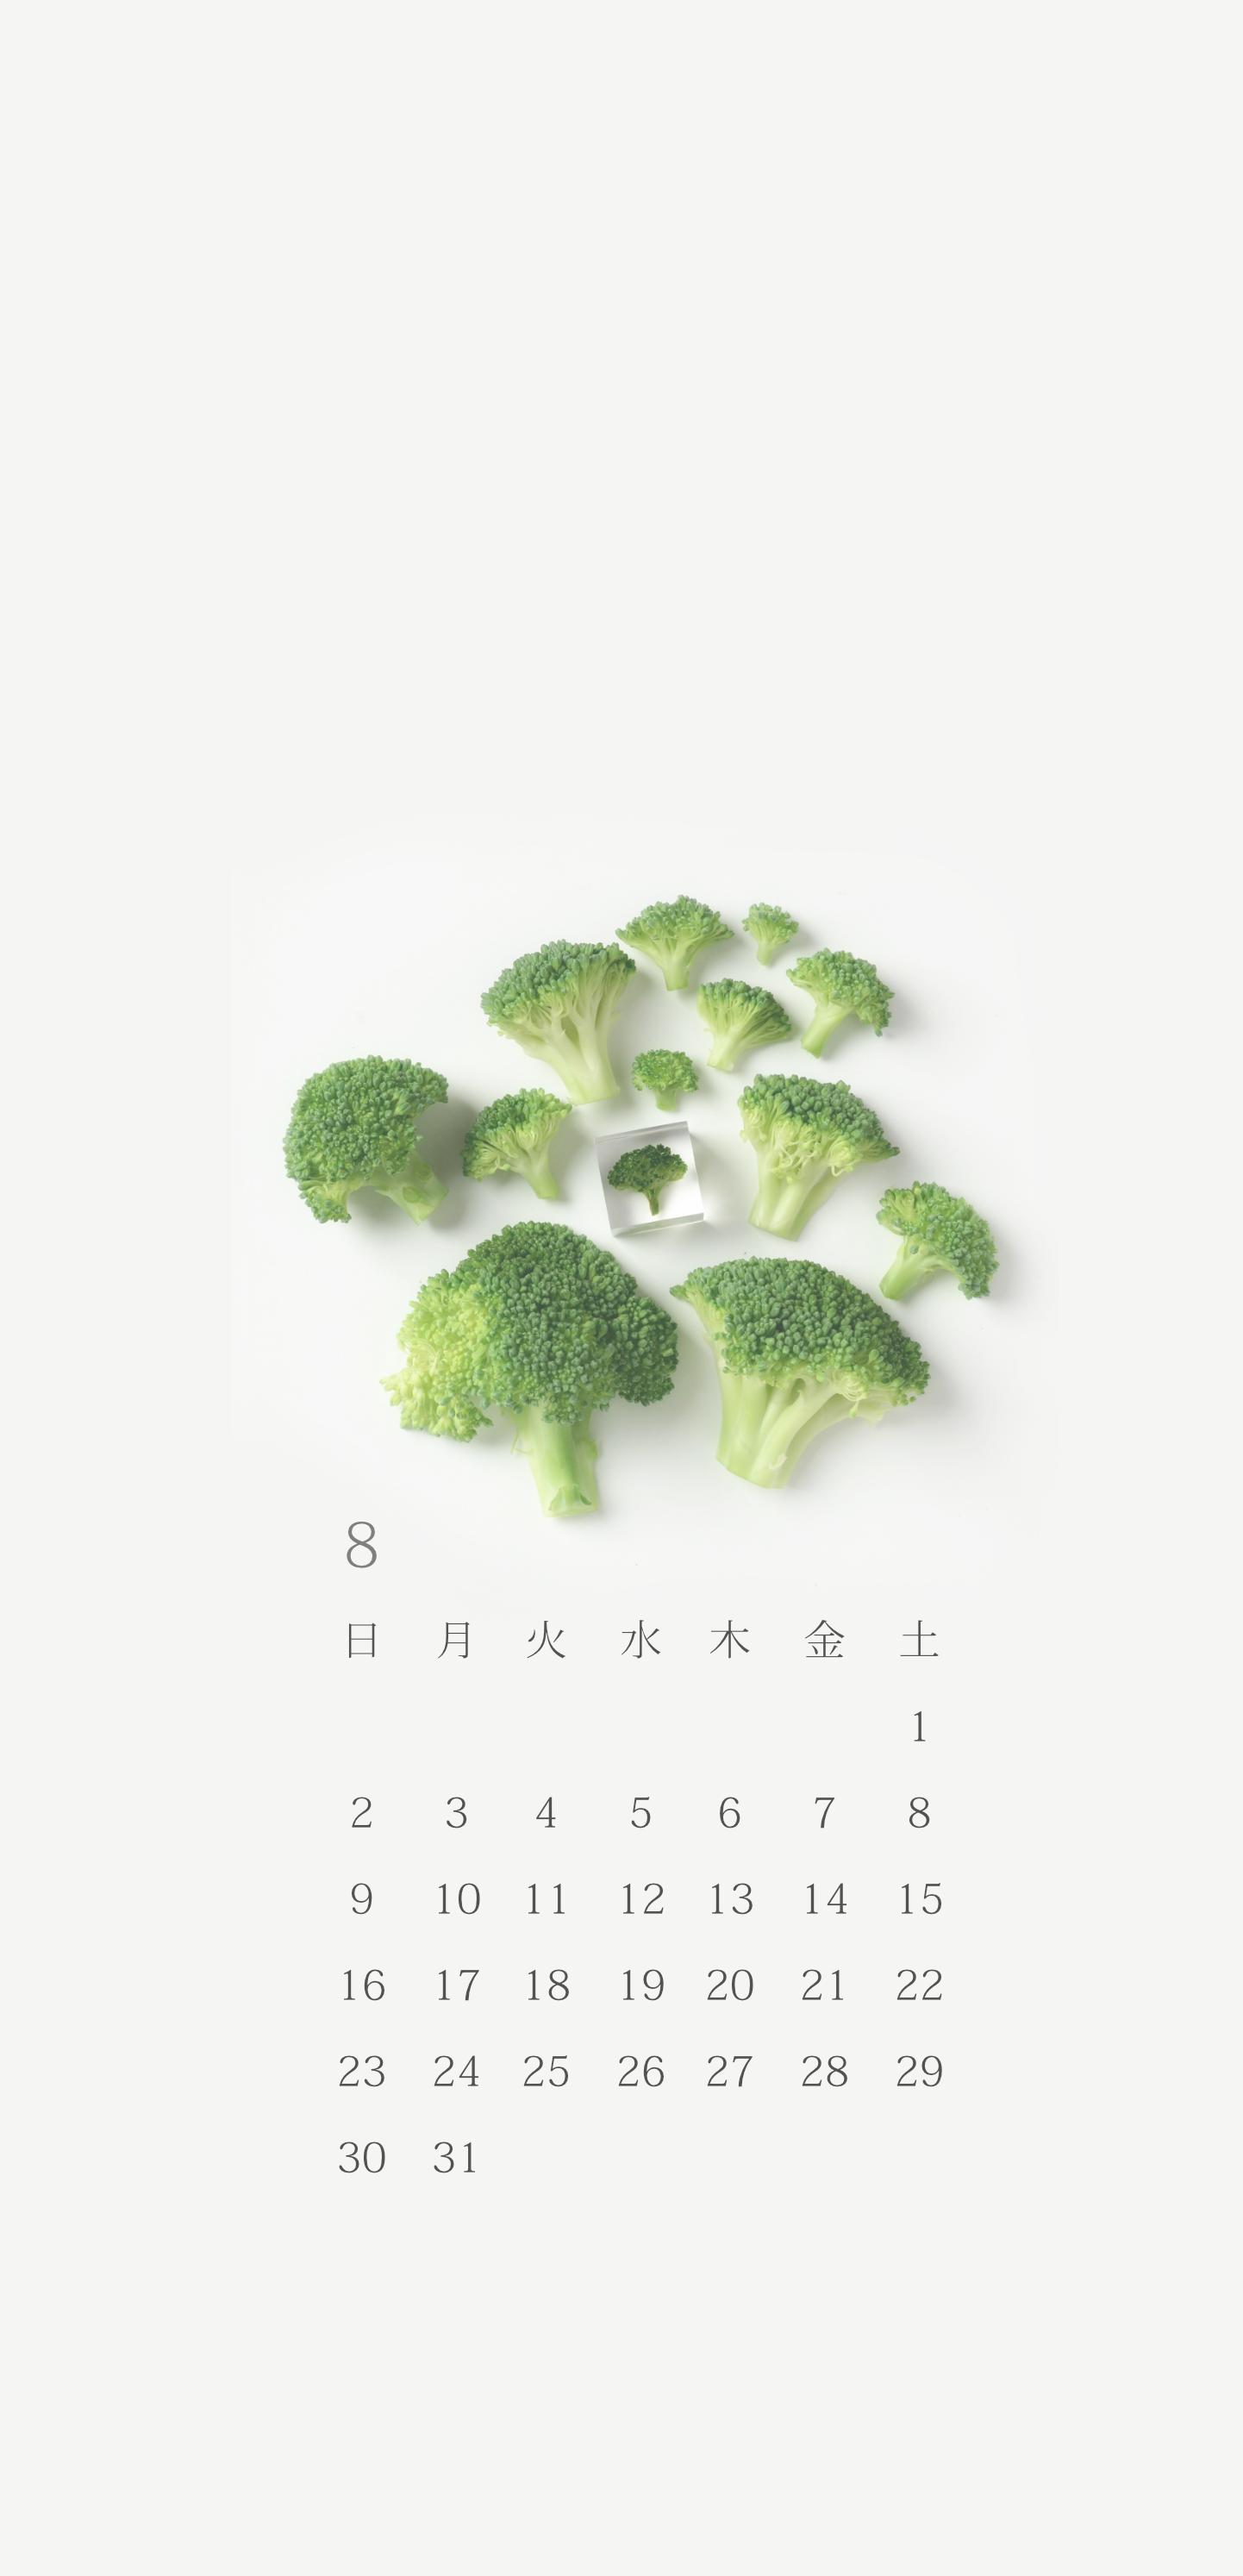 無料ロック画面カレンダー 「8月 ブロッコリー」